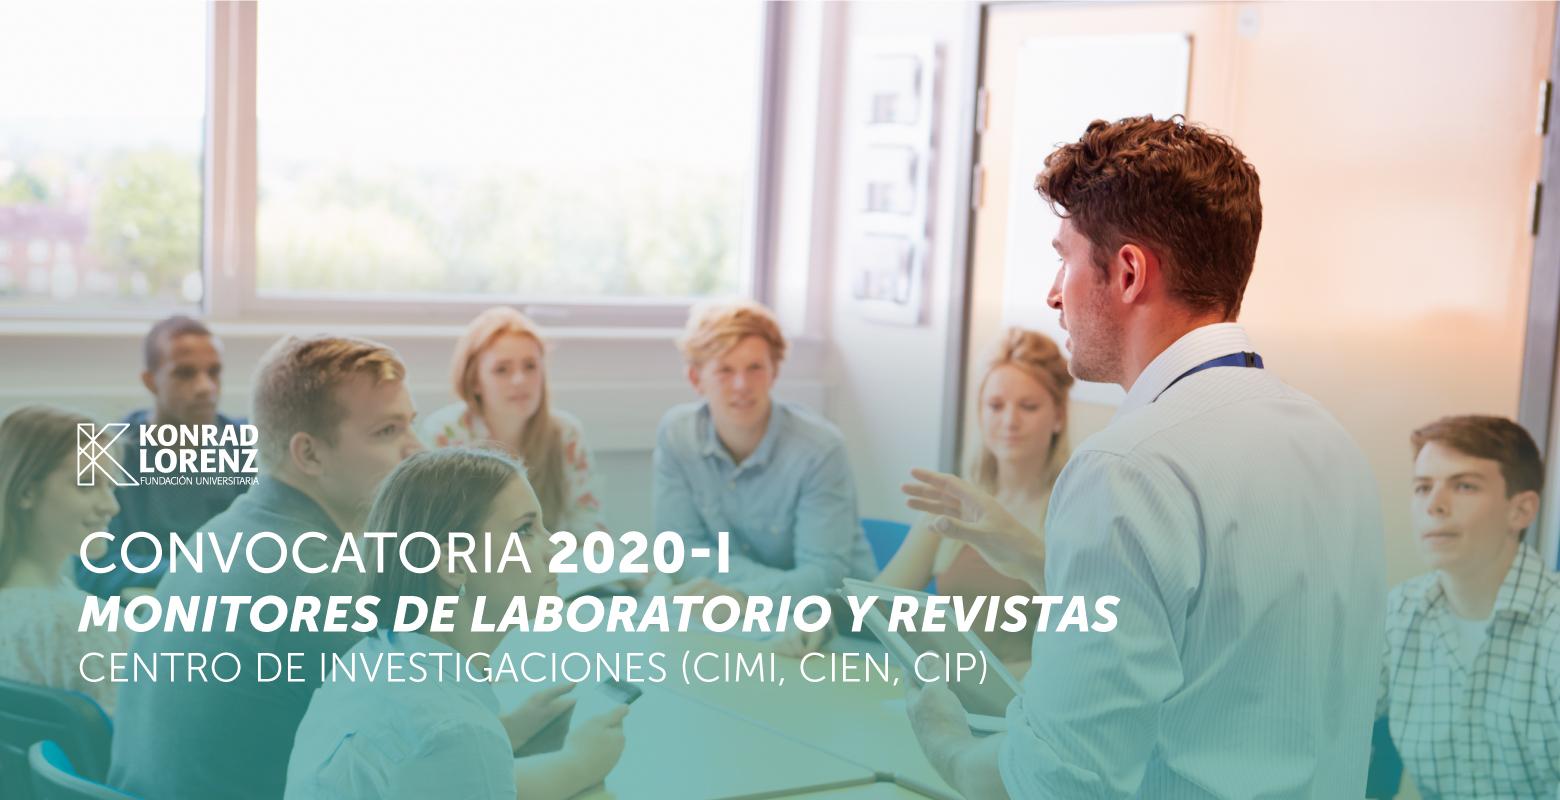 Convocatoria para Monitores de Laboratorio y Revistas 2020-I